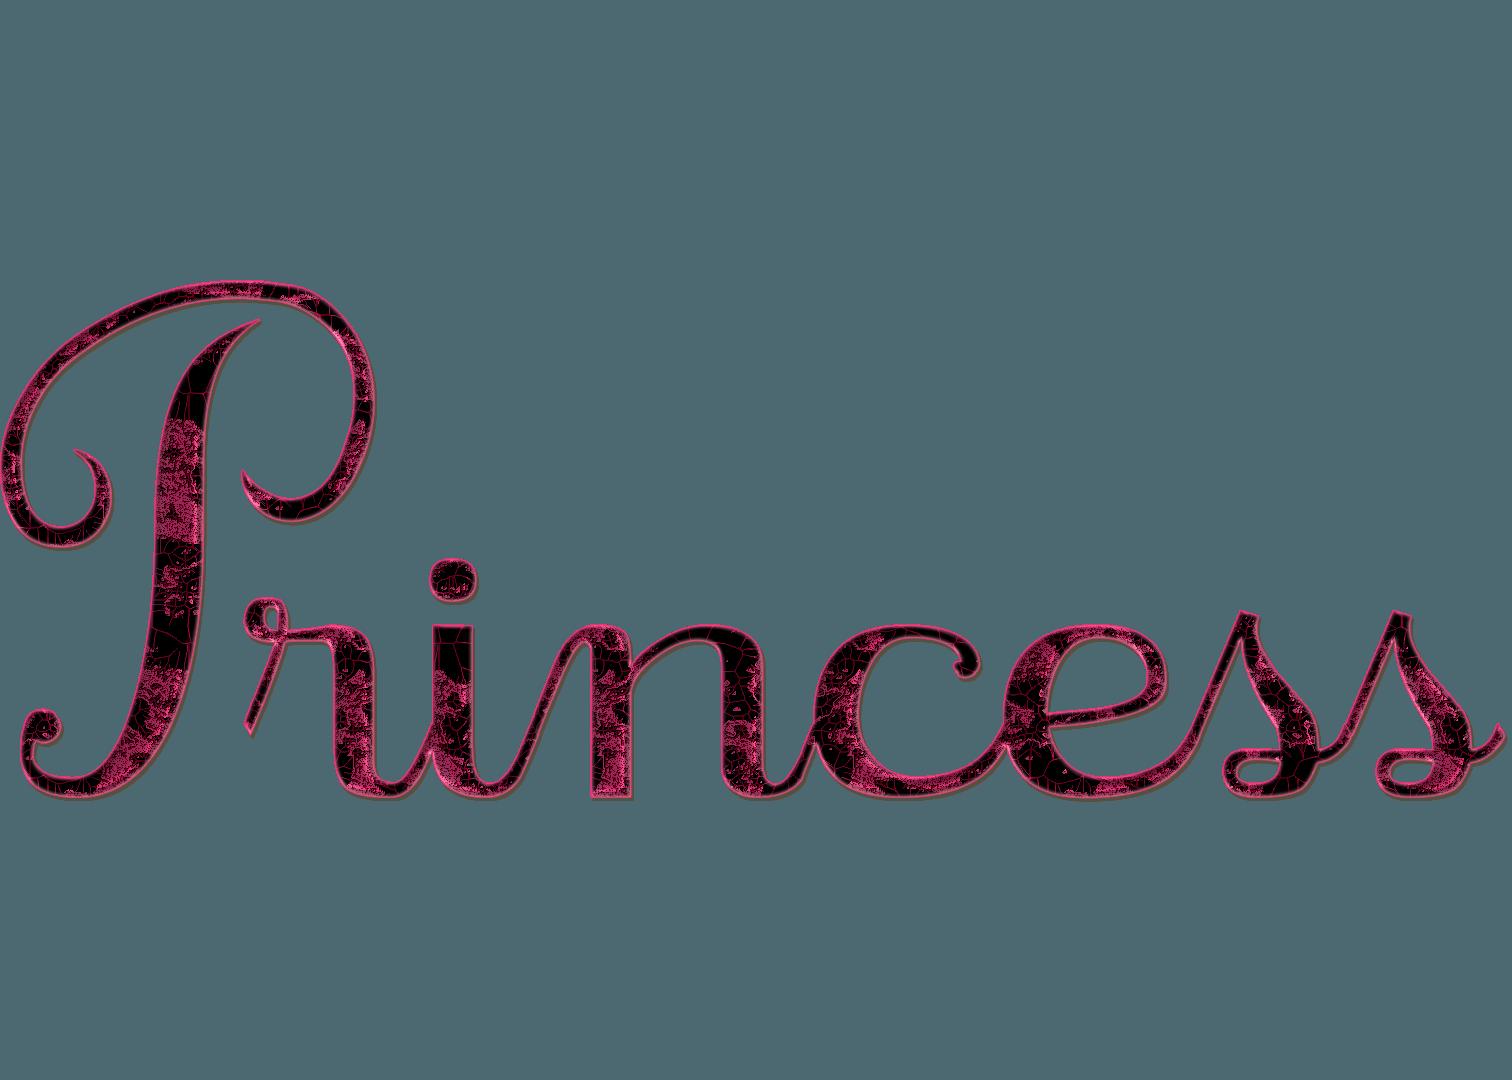 Картинки с надписью принцесса на английском языке, выходные